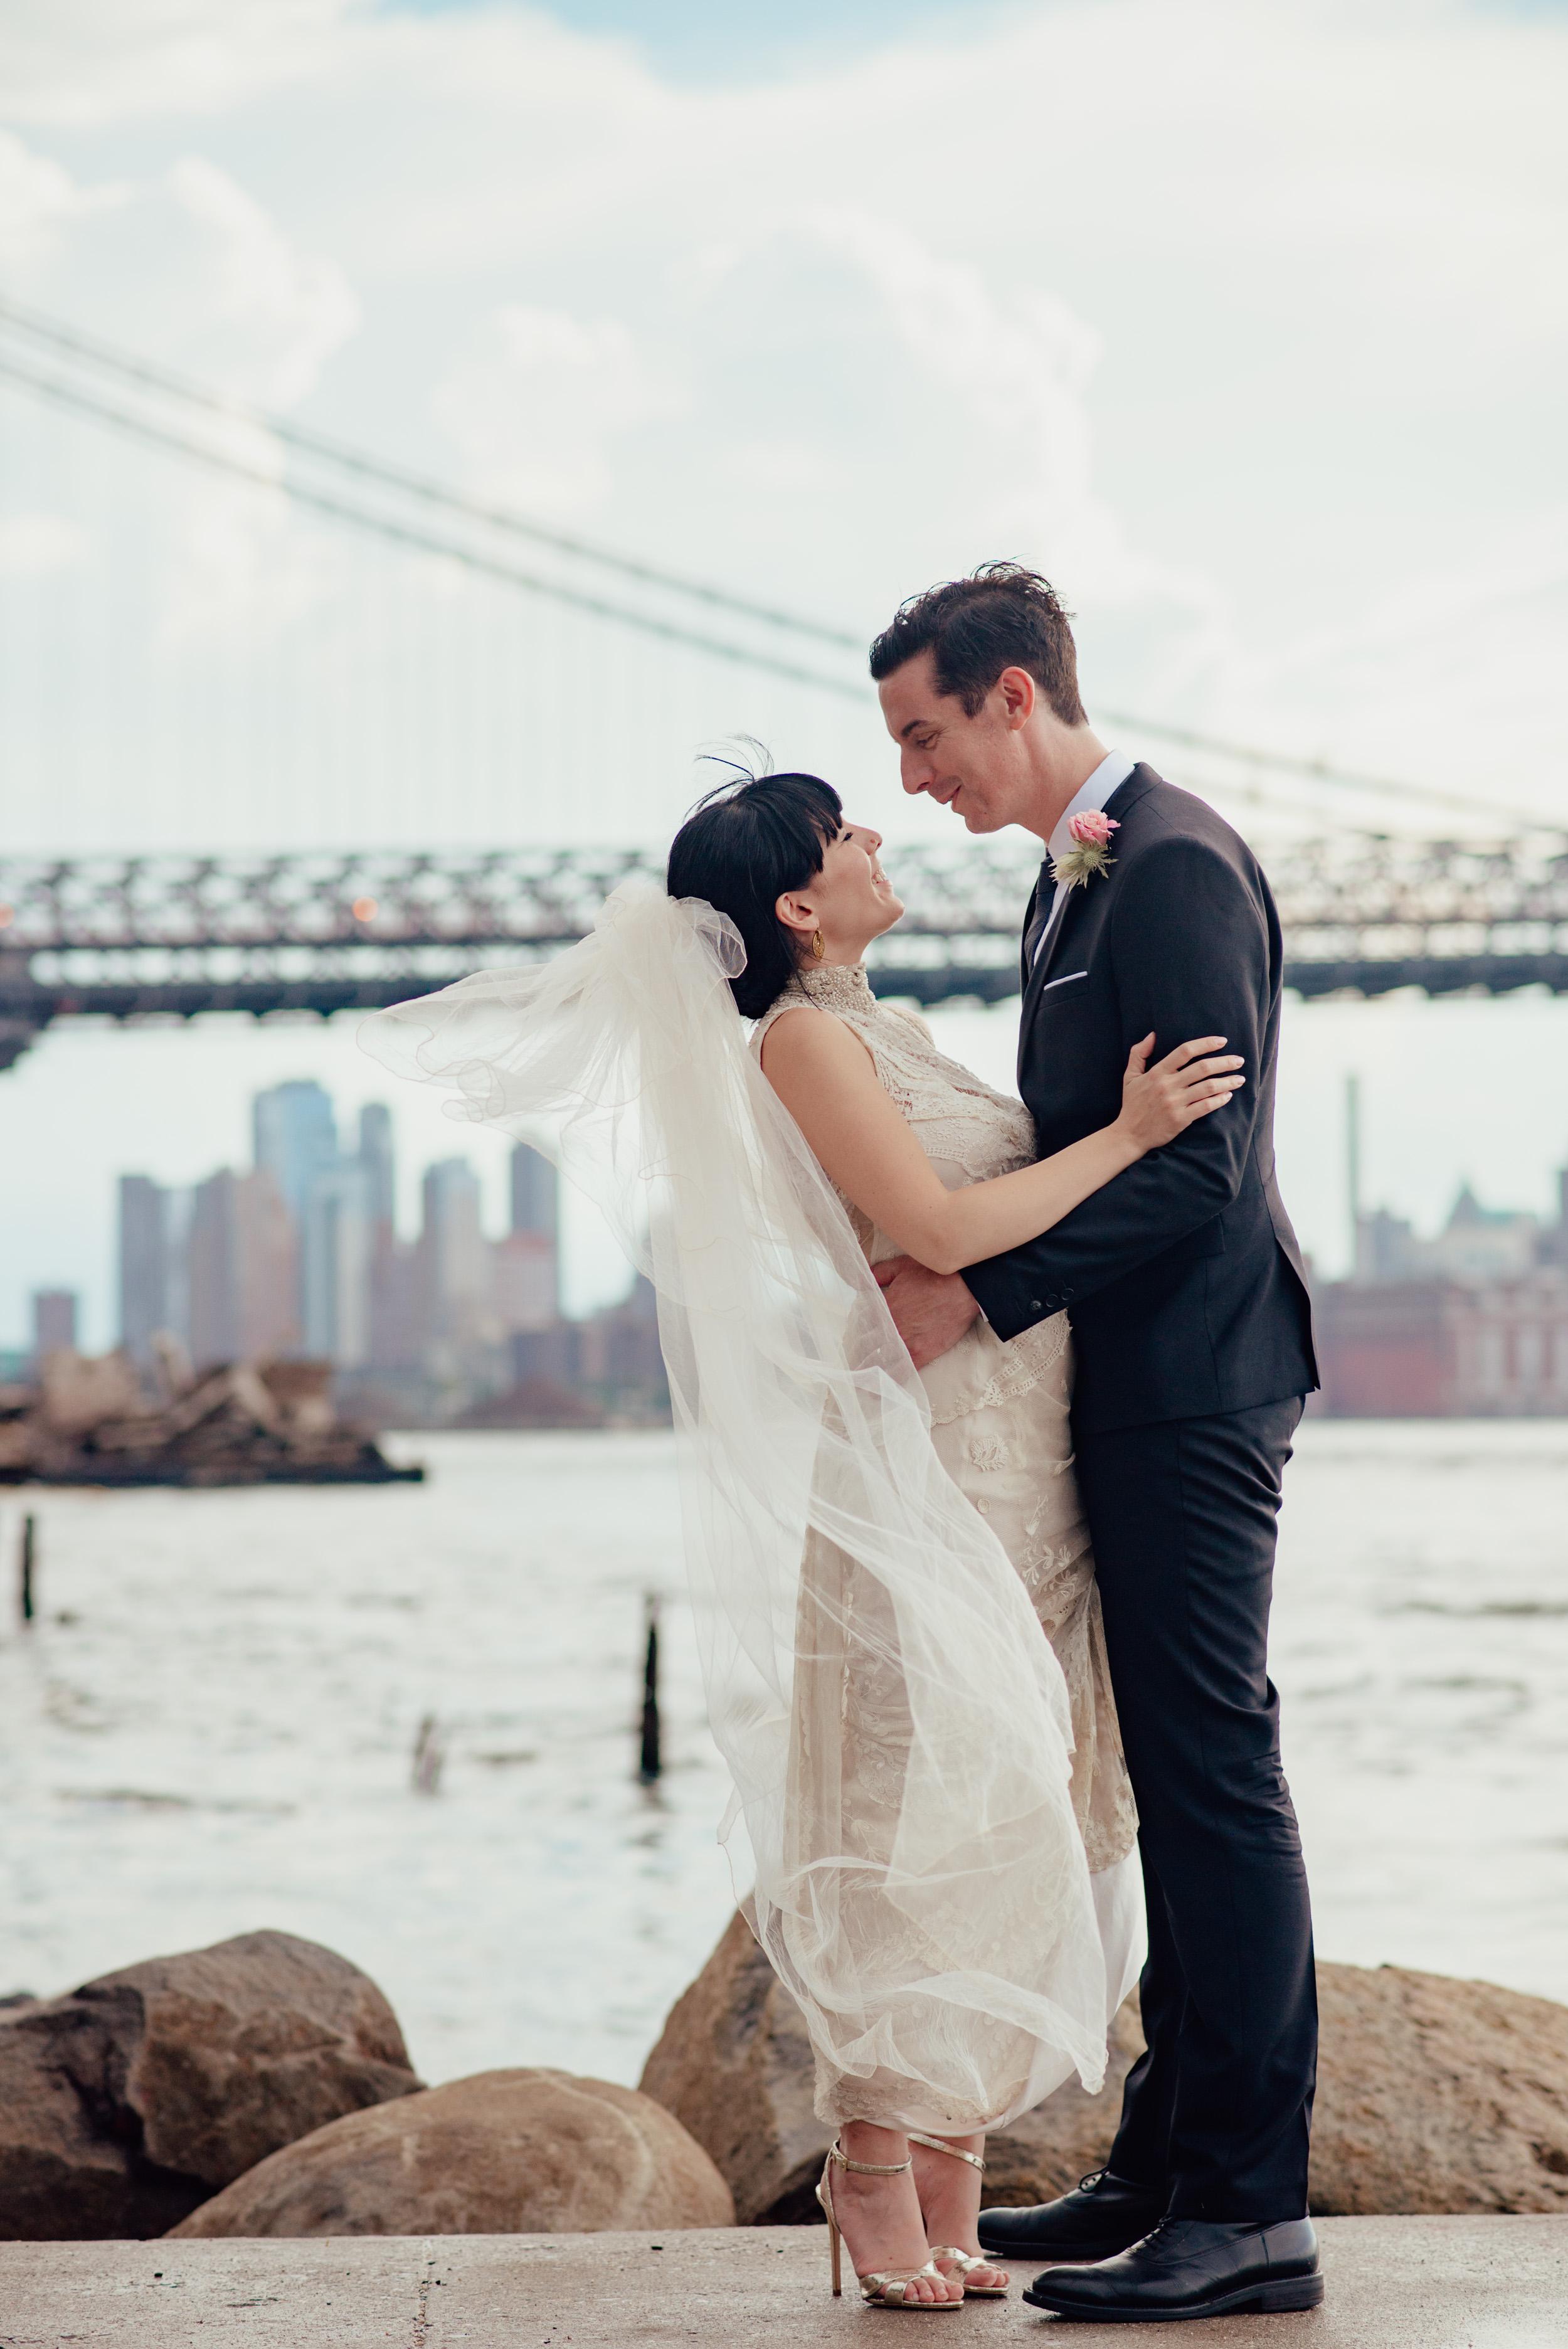 cleland-studios-weddings-44.jpg